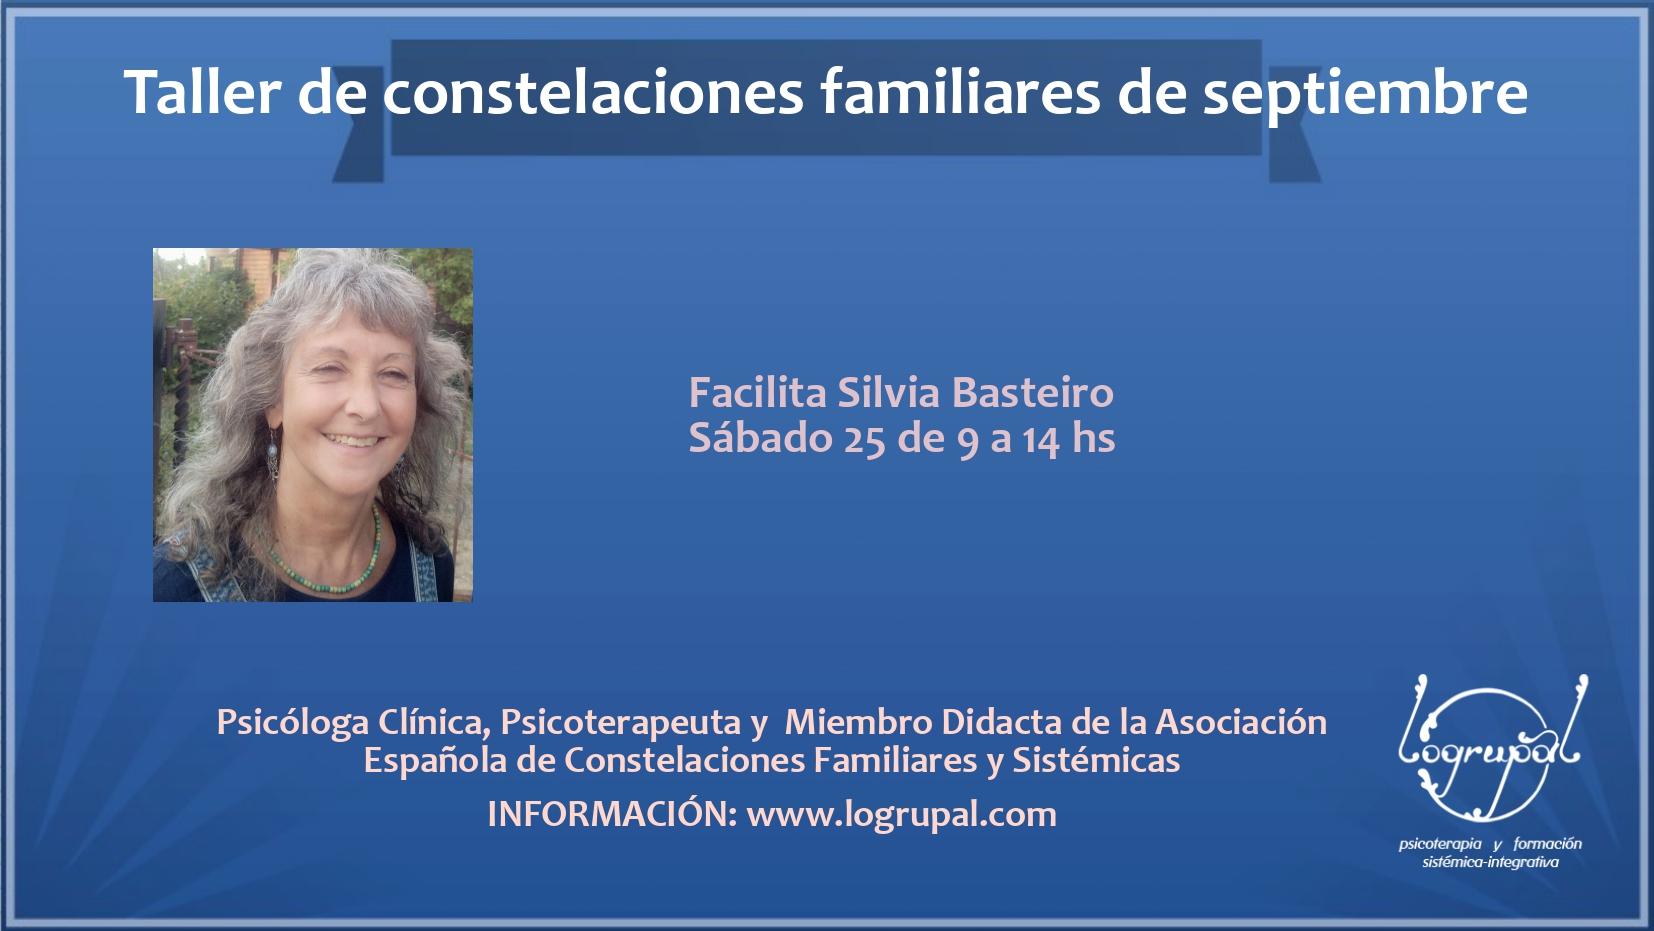 Taller de Constelaciones Familiares en Almería y online (Sábado 25 de septiembre)